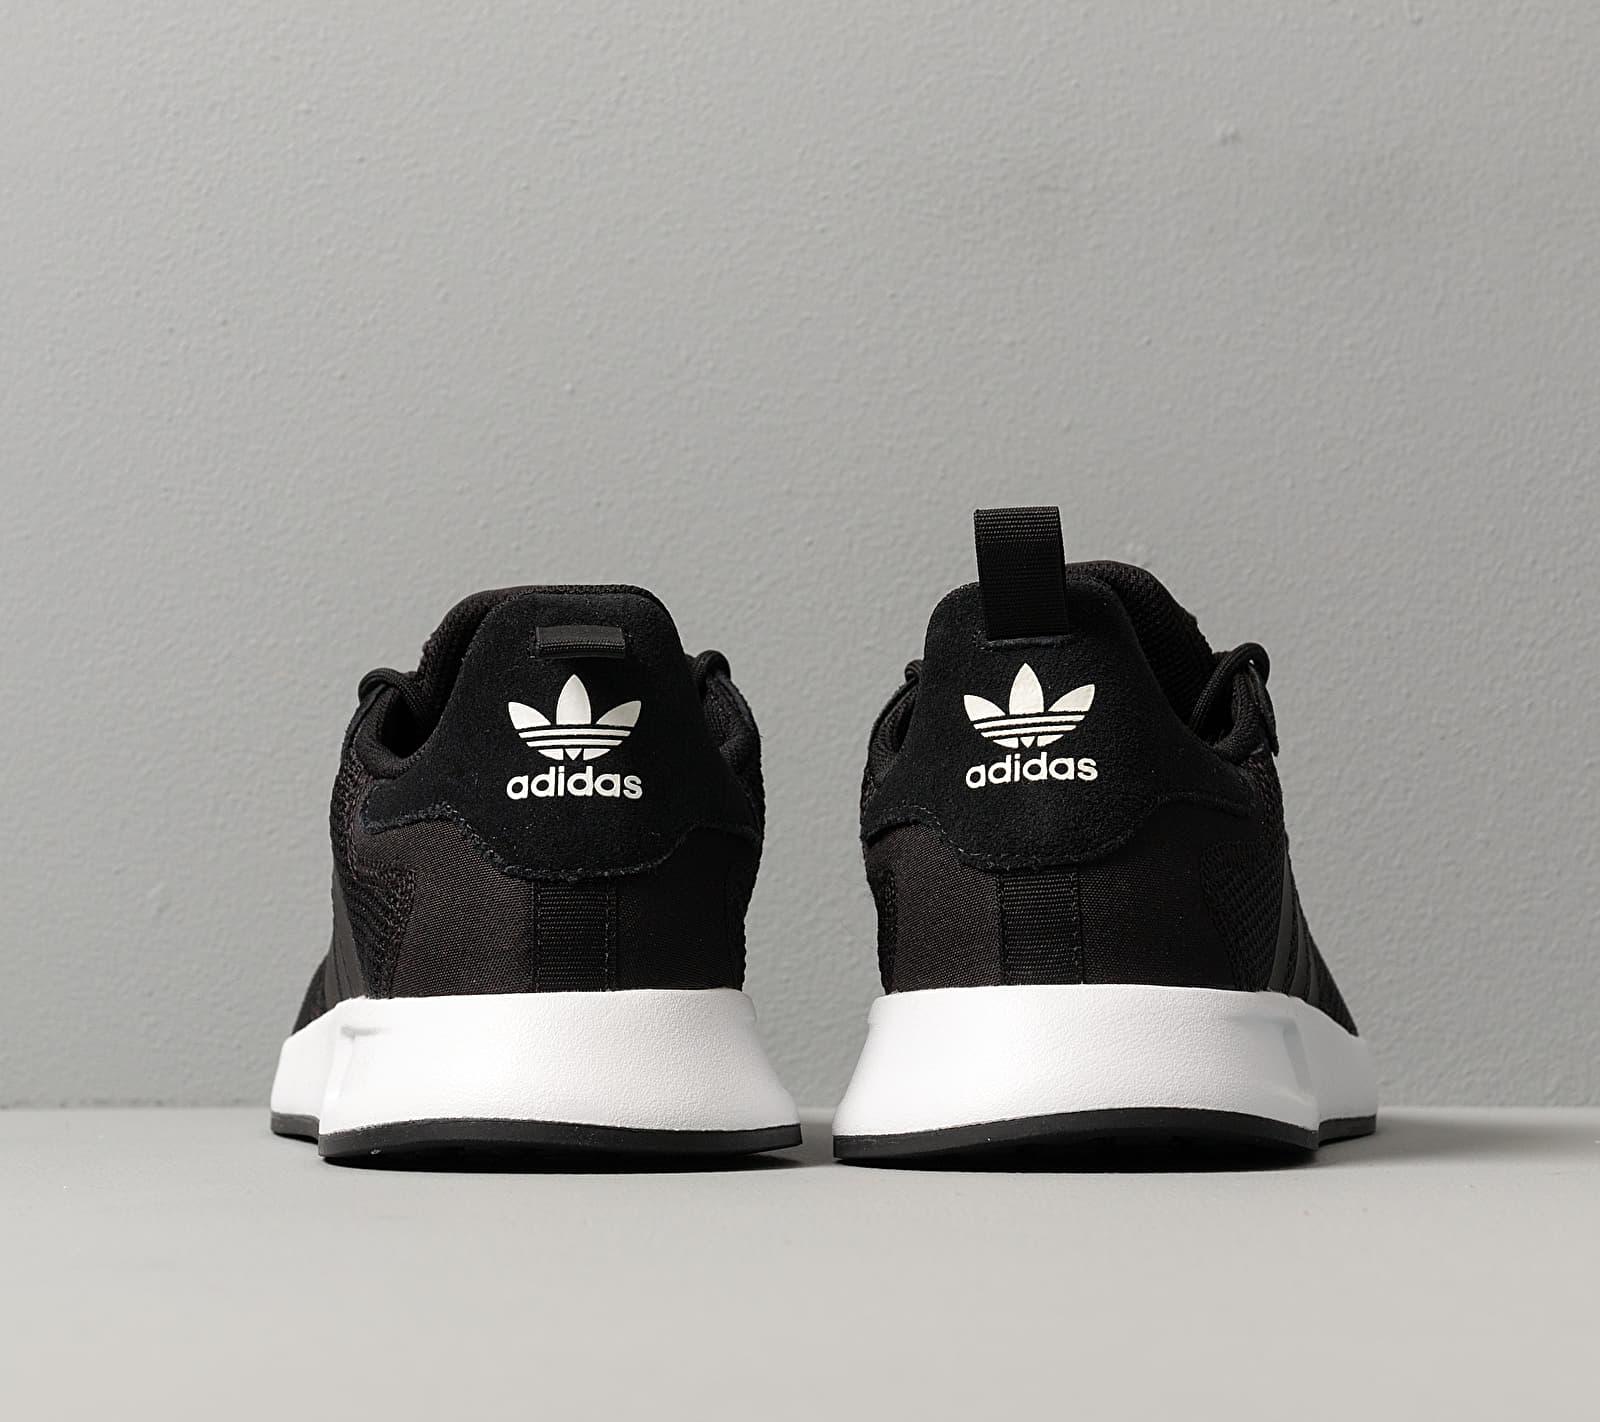 adidas X_PLR S Core Black Core Black Ftw White footshop